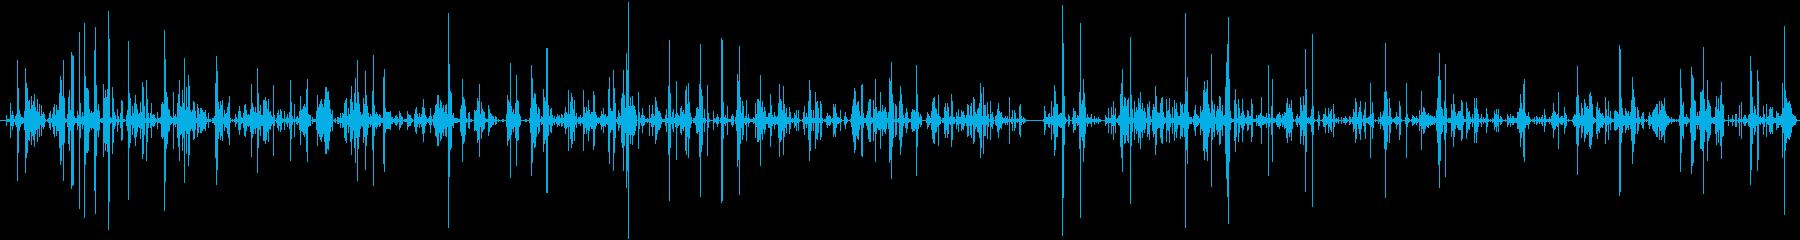 キー キーホルダーミッドサイズラト...の再生済みの波形